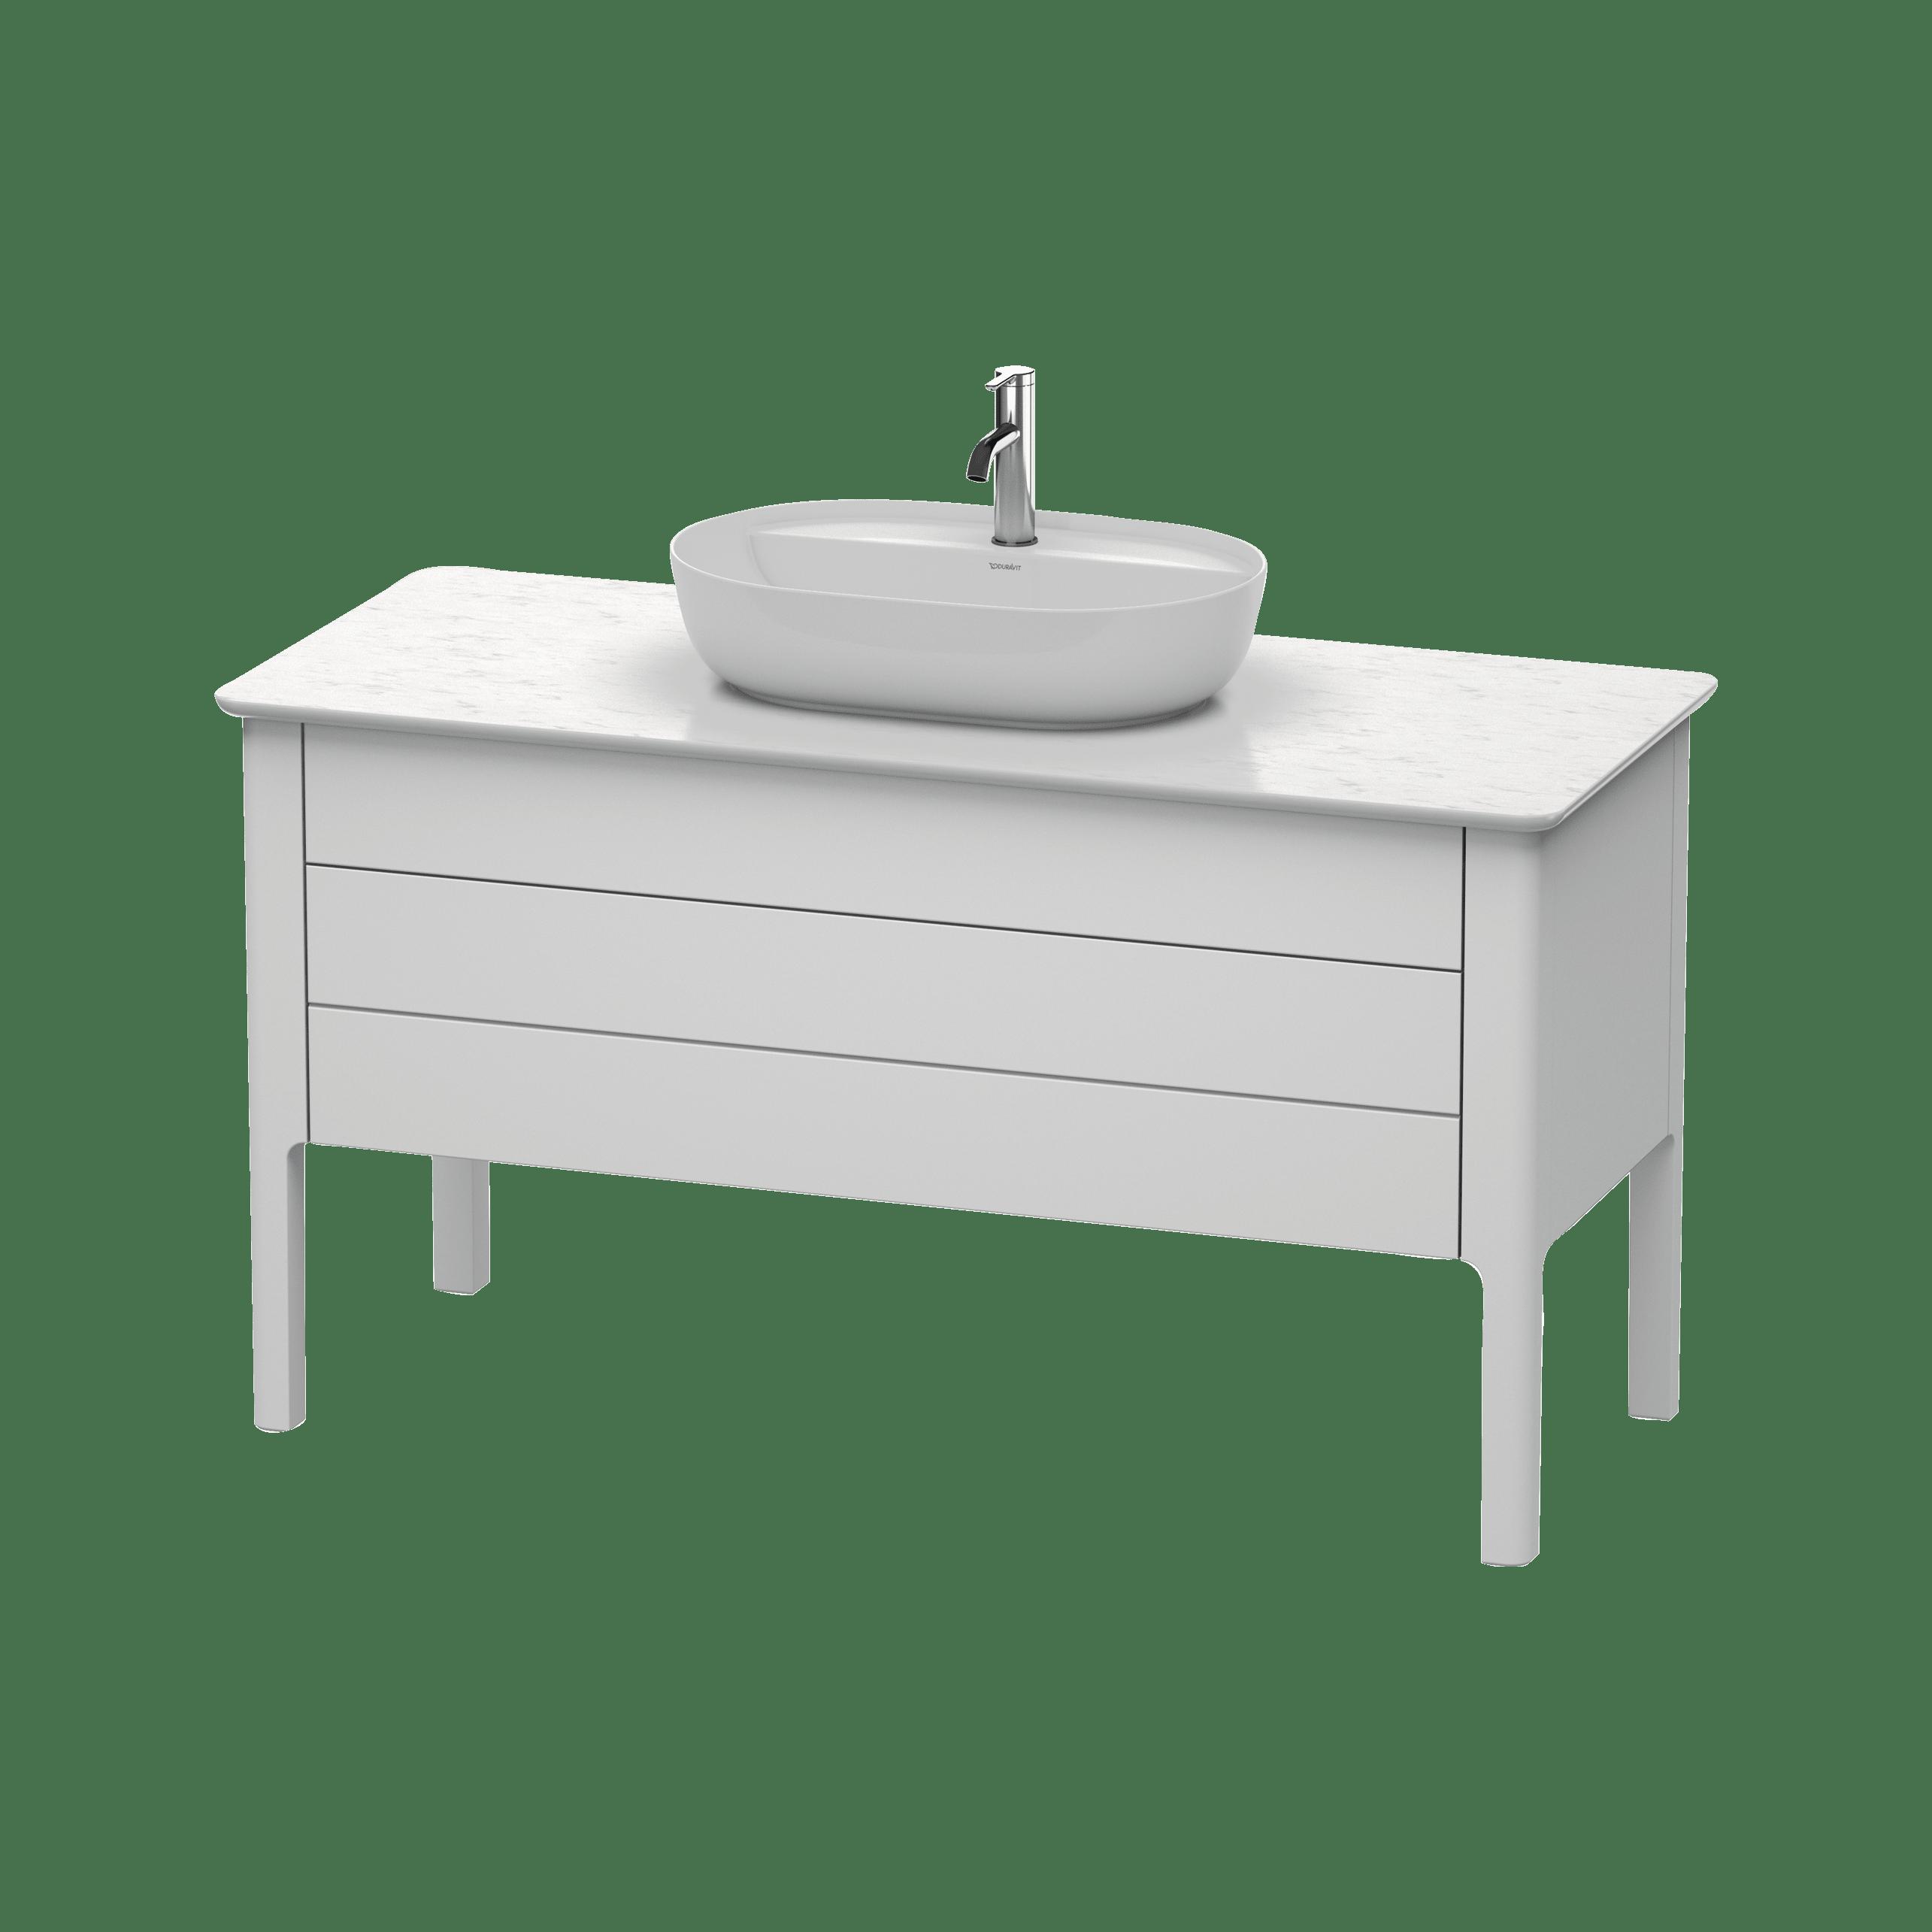 Duravit LU9566 Luv Bathroom Vanity | QualityBath.com